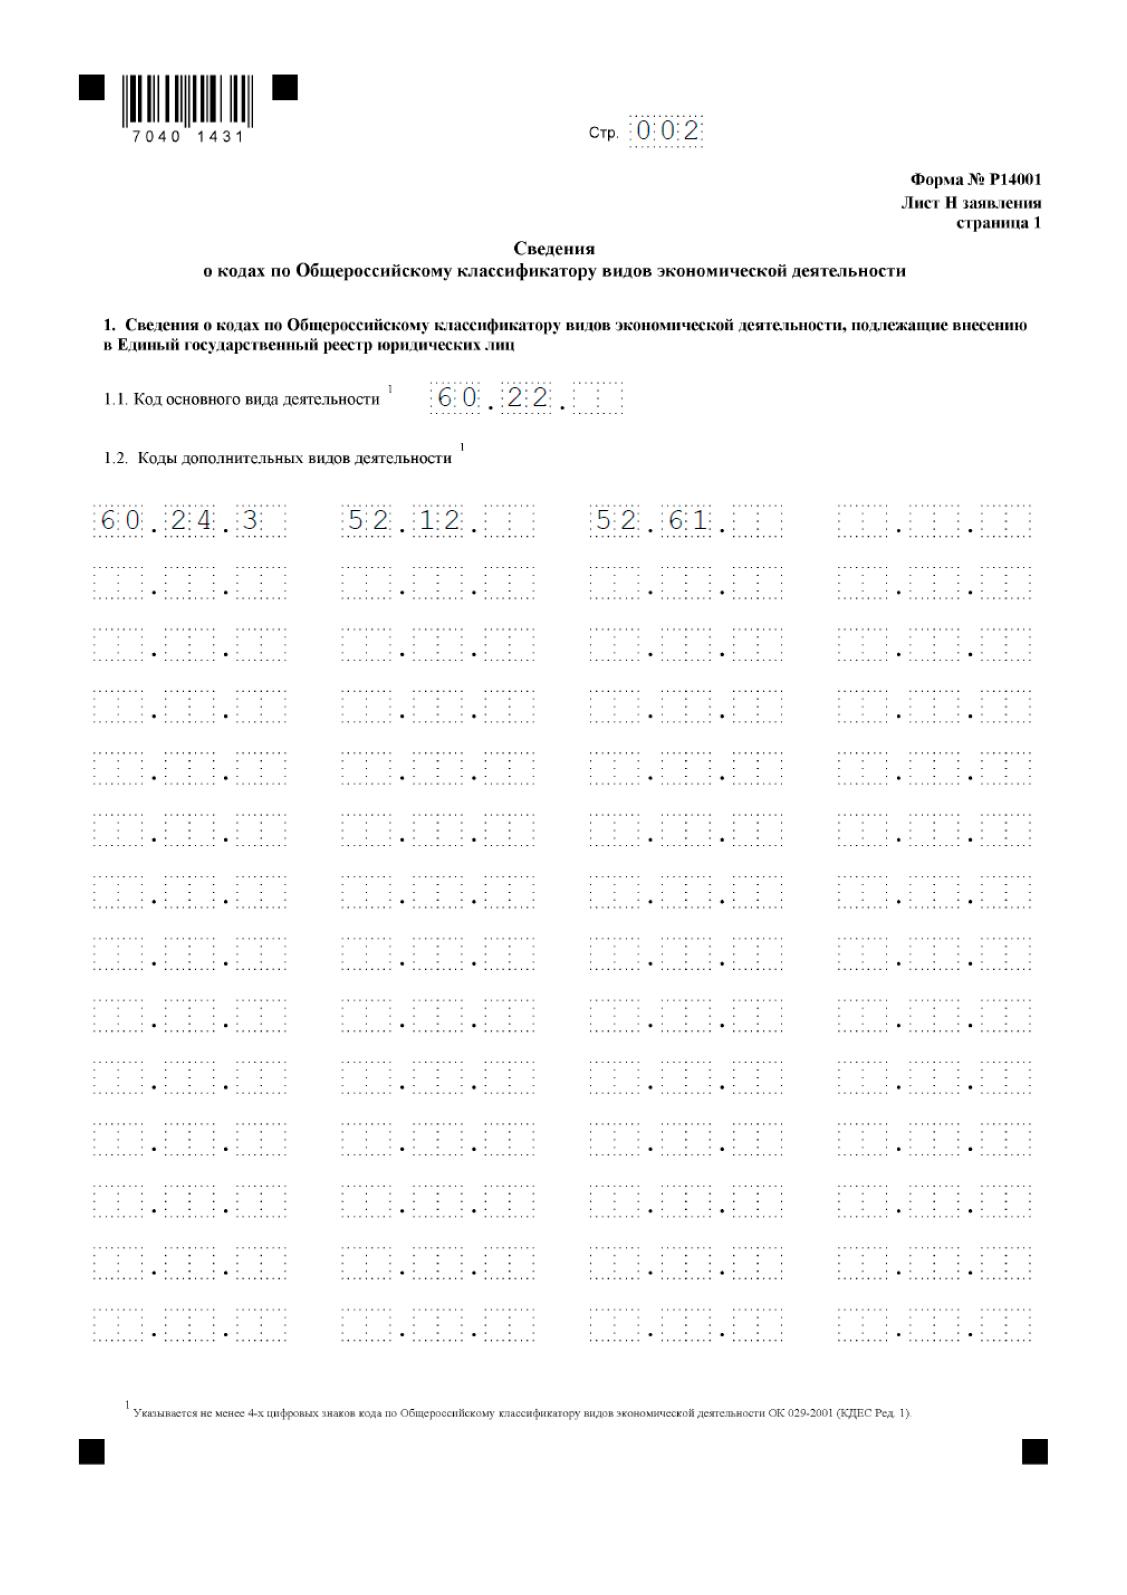 заявление по форме 14001 образец заполнения